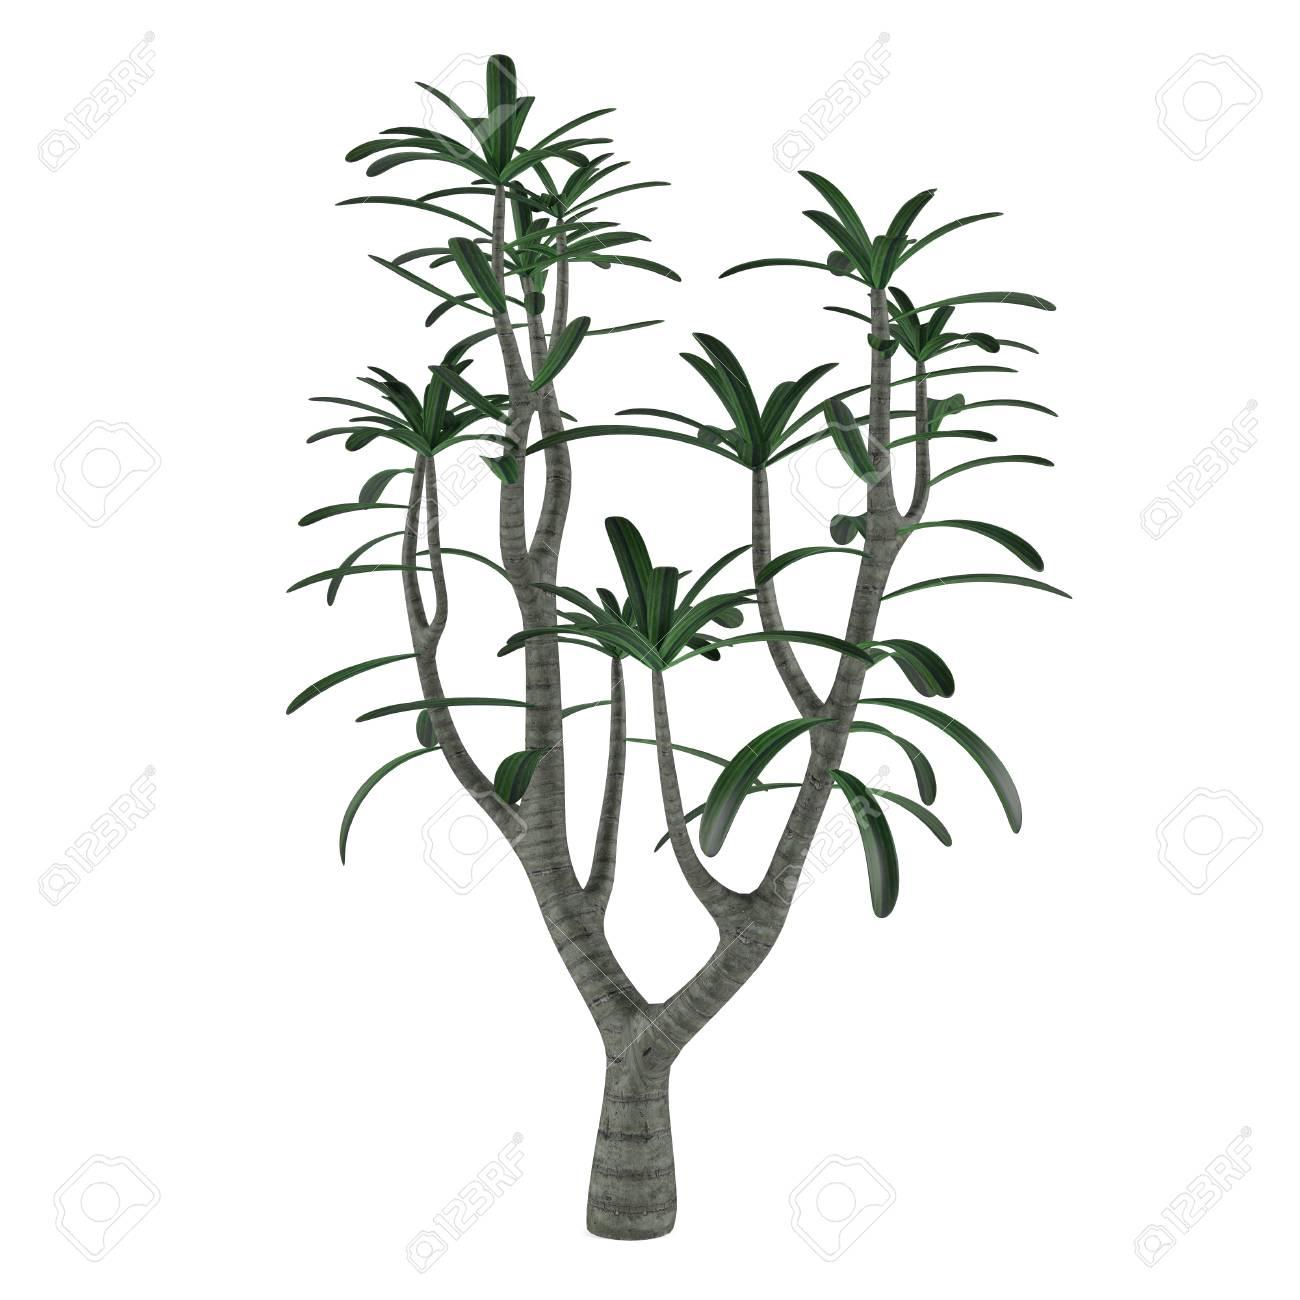 arbre décoratif à l'arrière-plan blanc banque d'images et photos